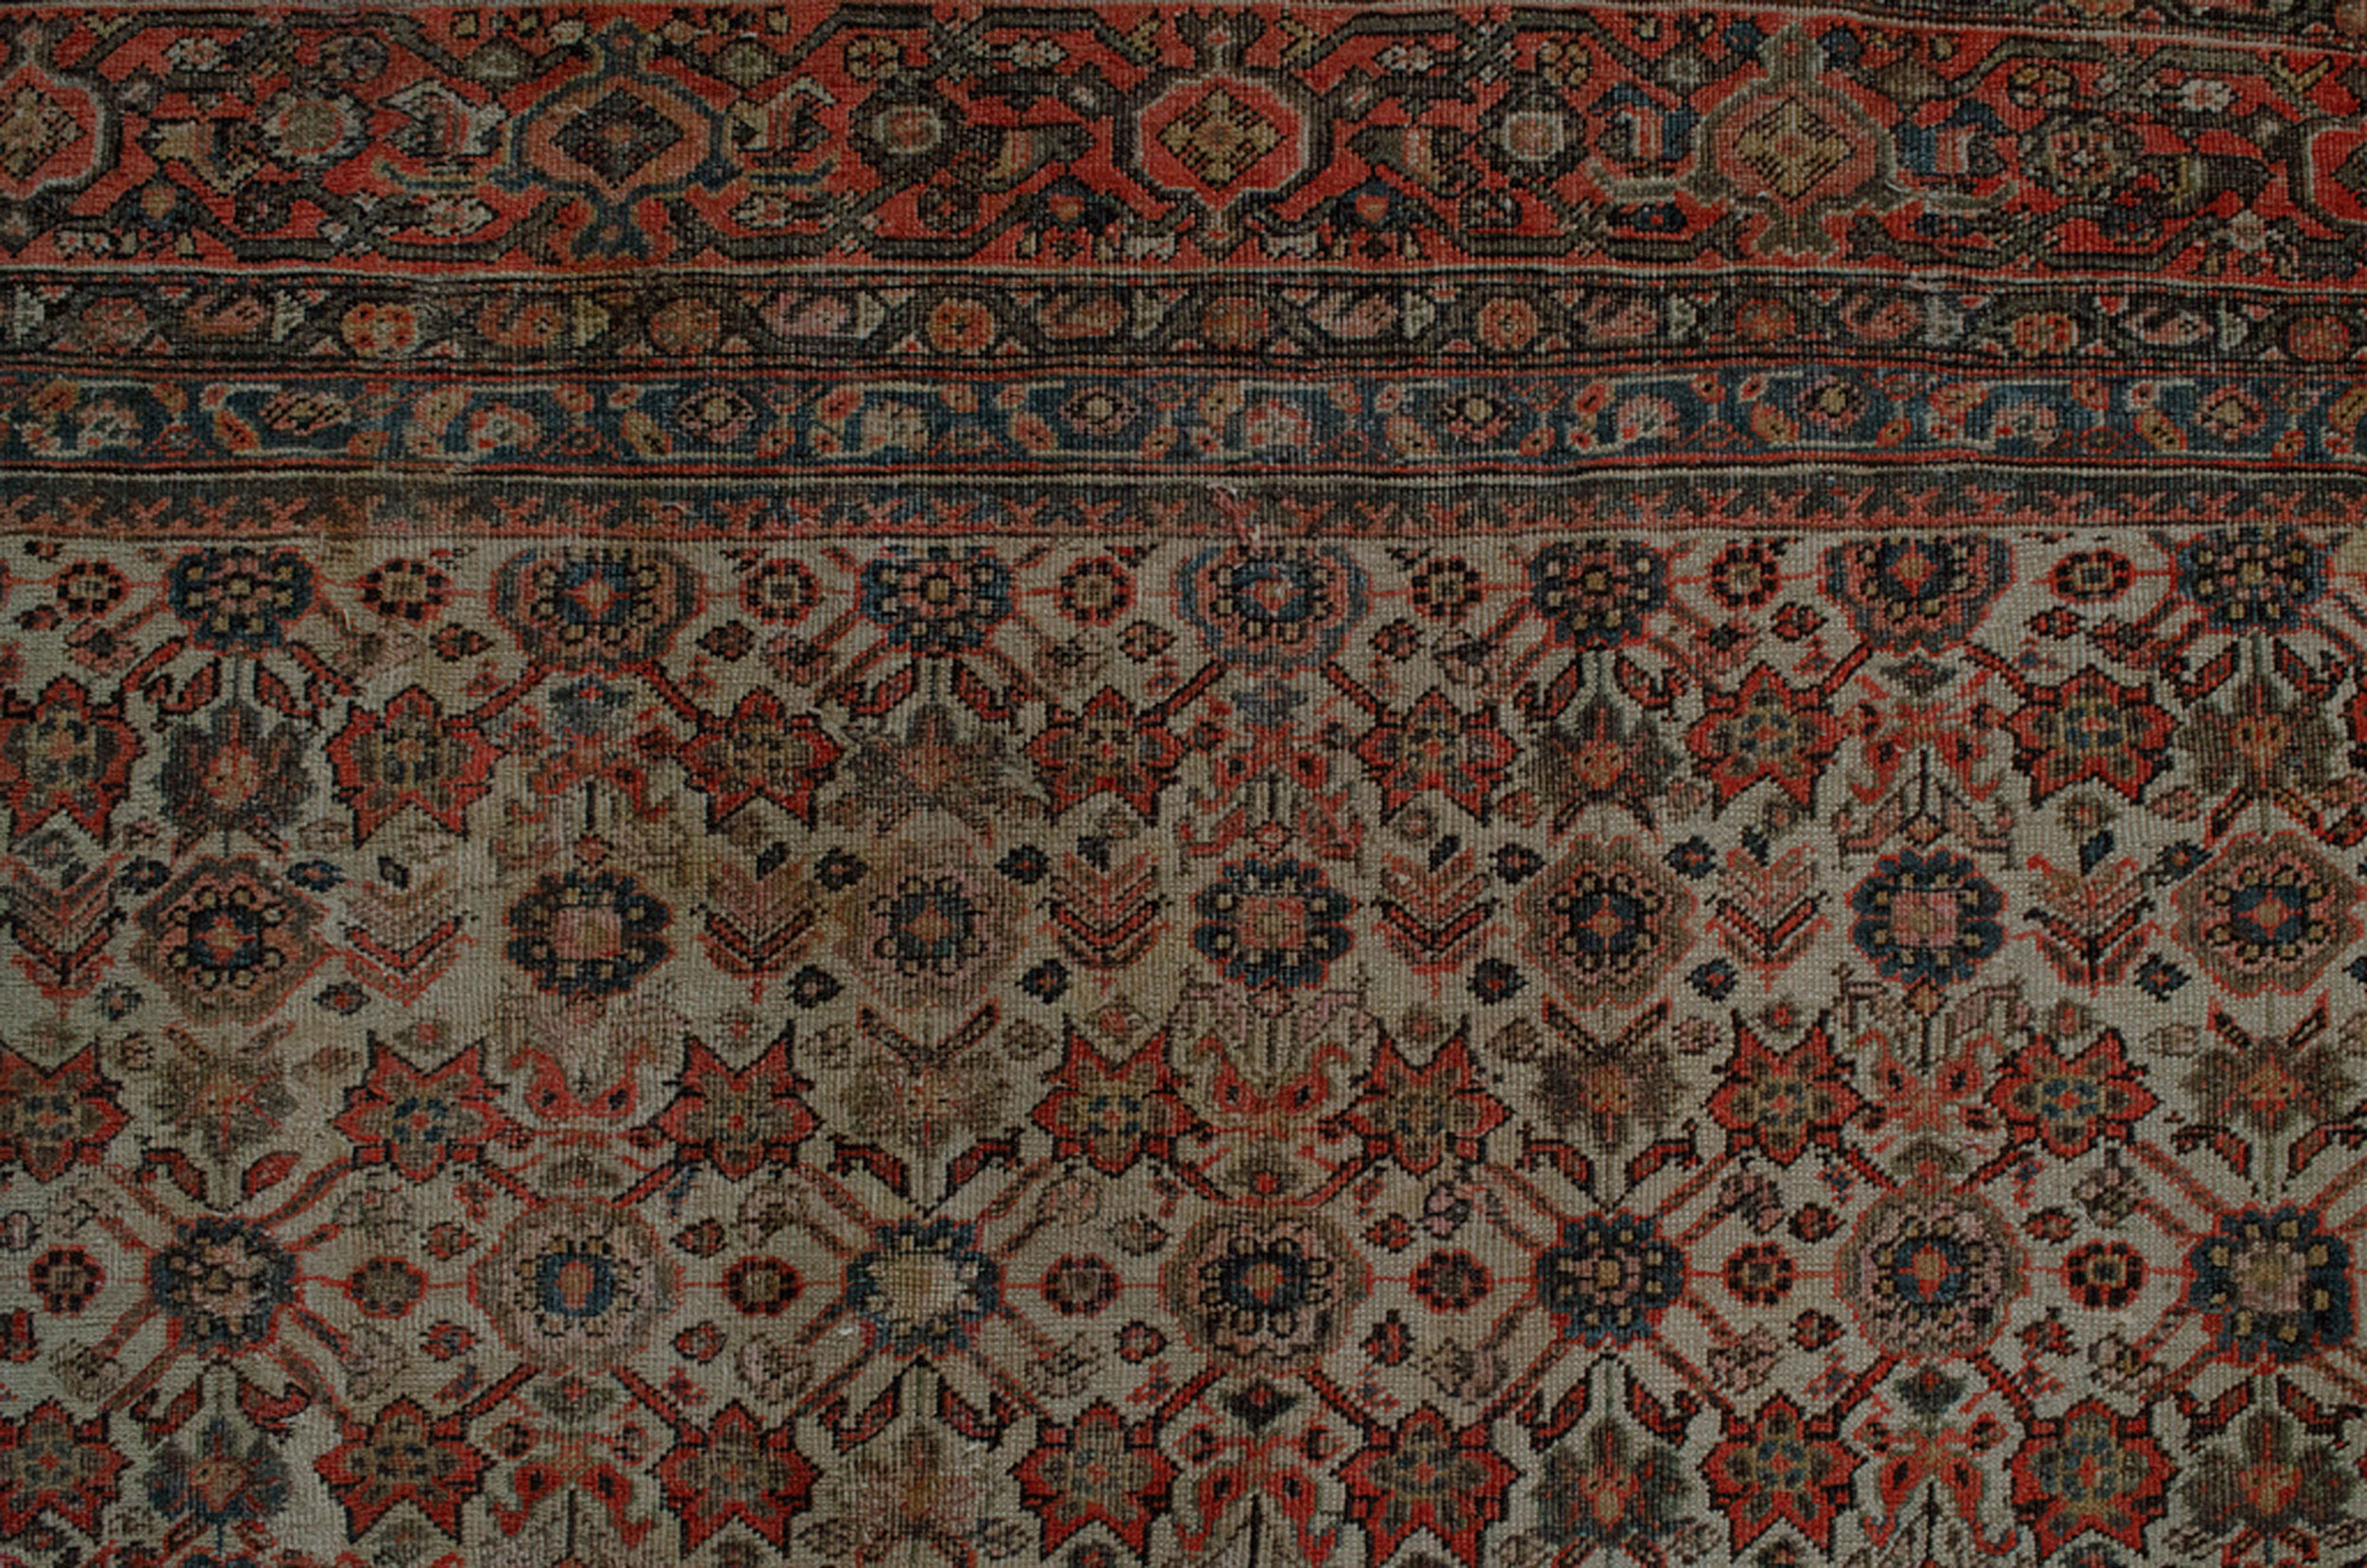 Antique Farahan Carpet 485x360cm